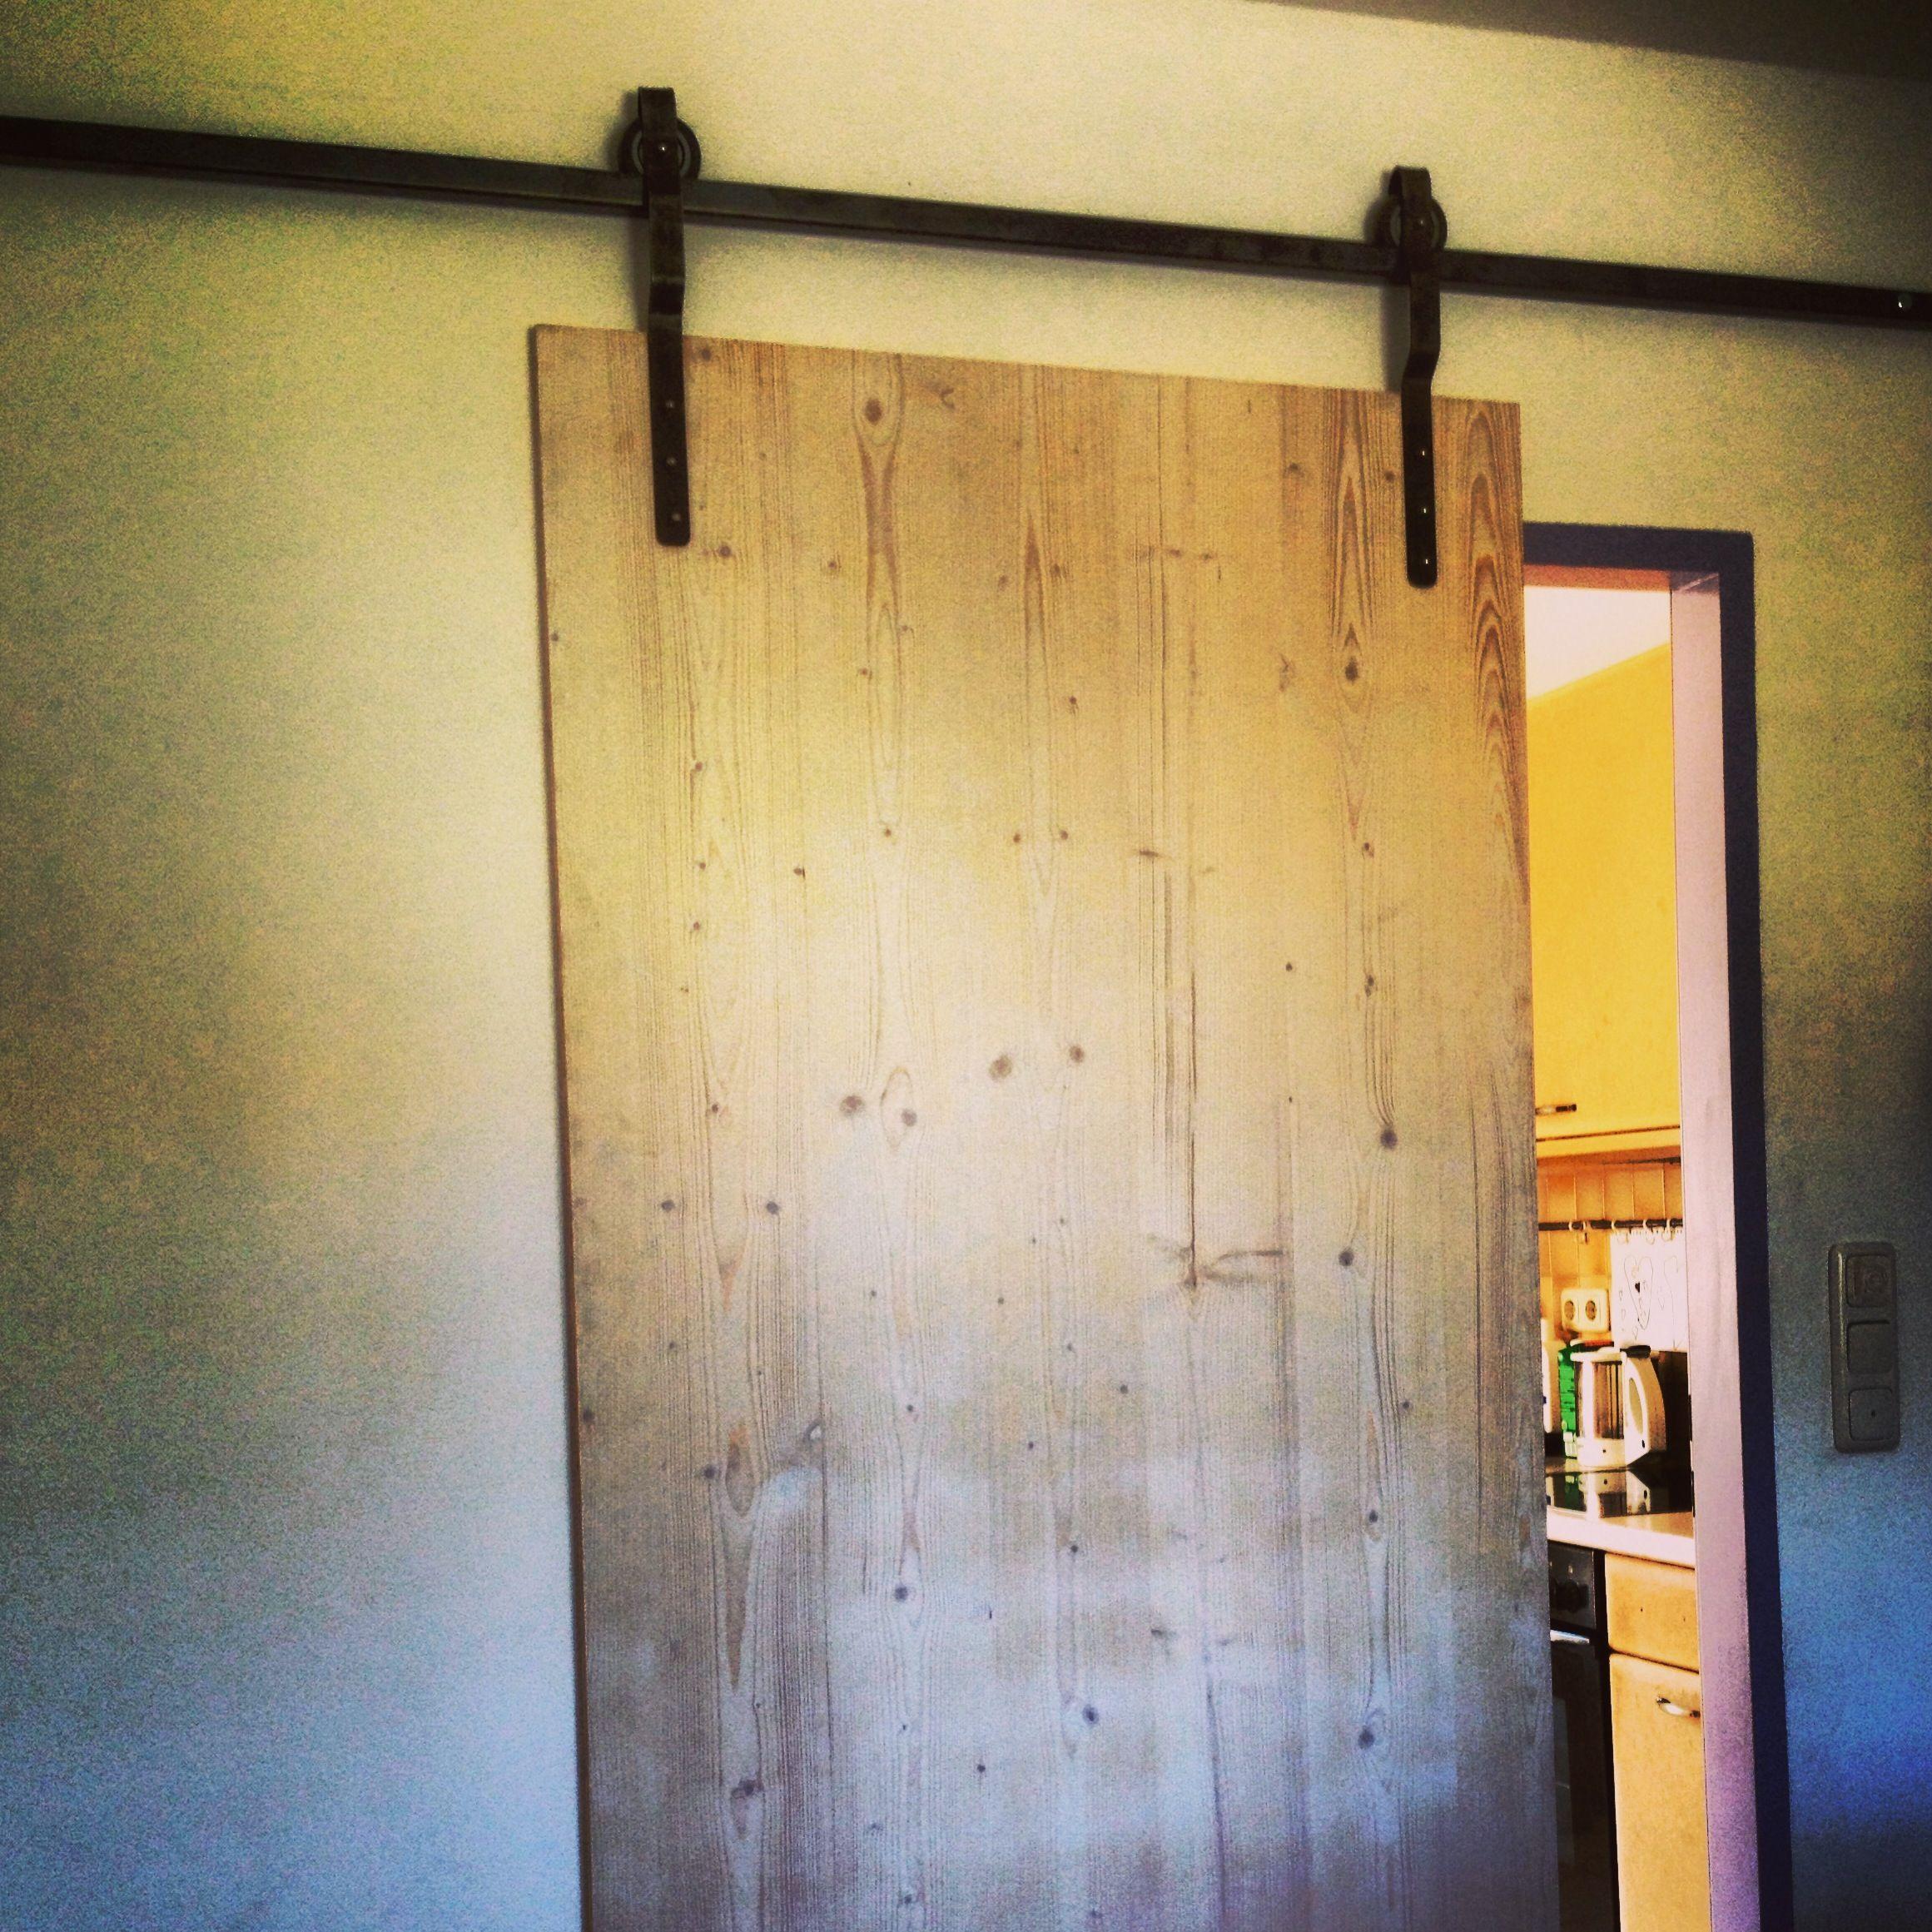 diy sliding door costs 80 workshop ideas pinterest